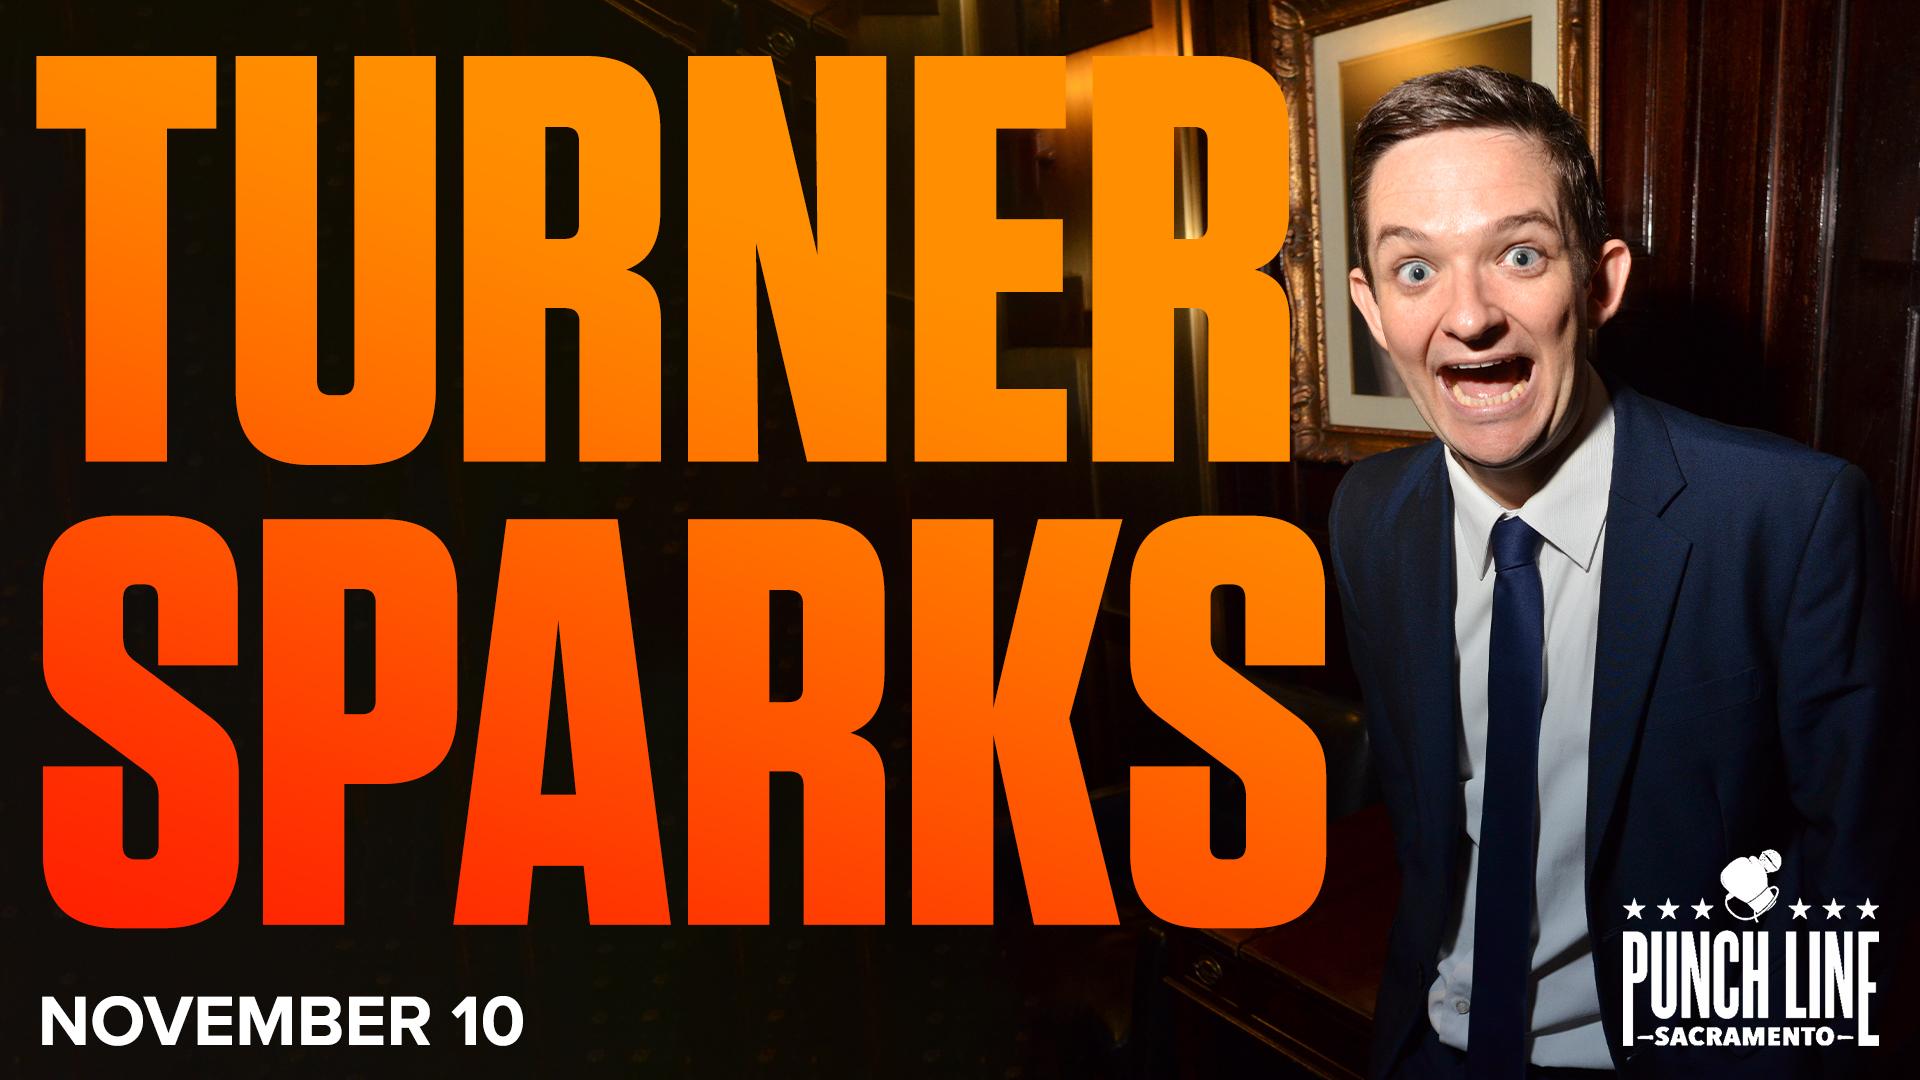 Turner Sparks